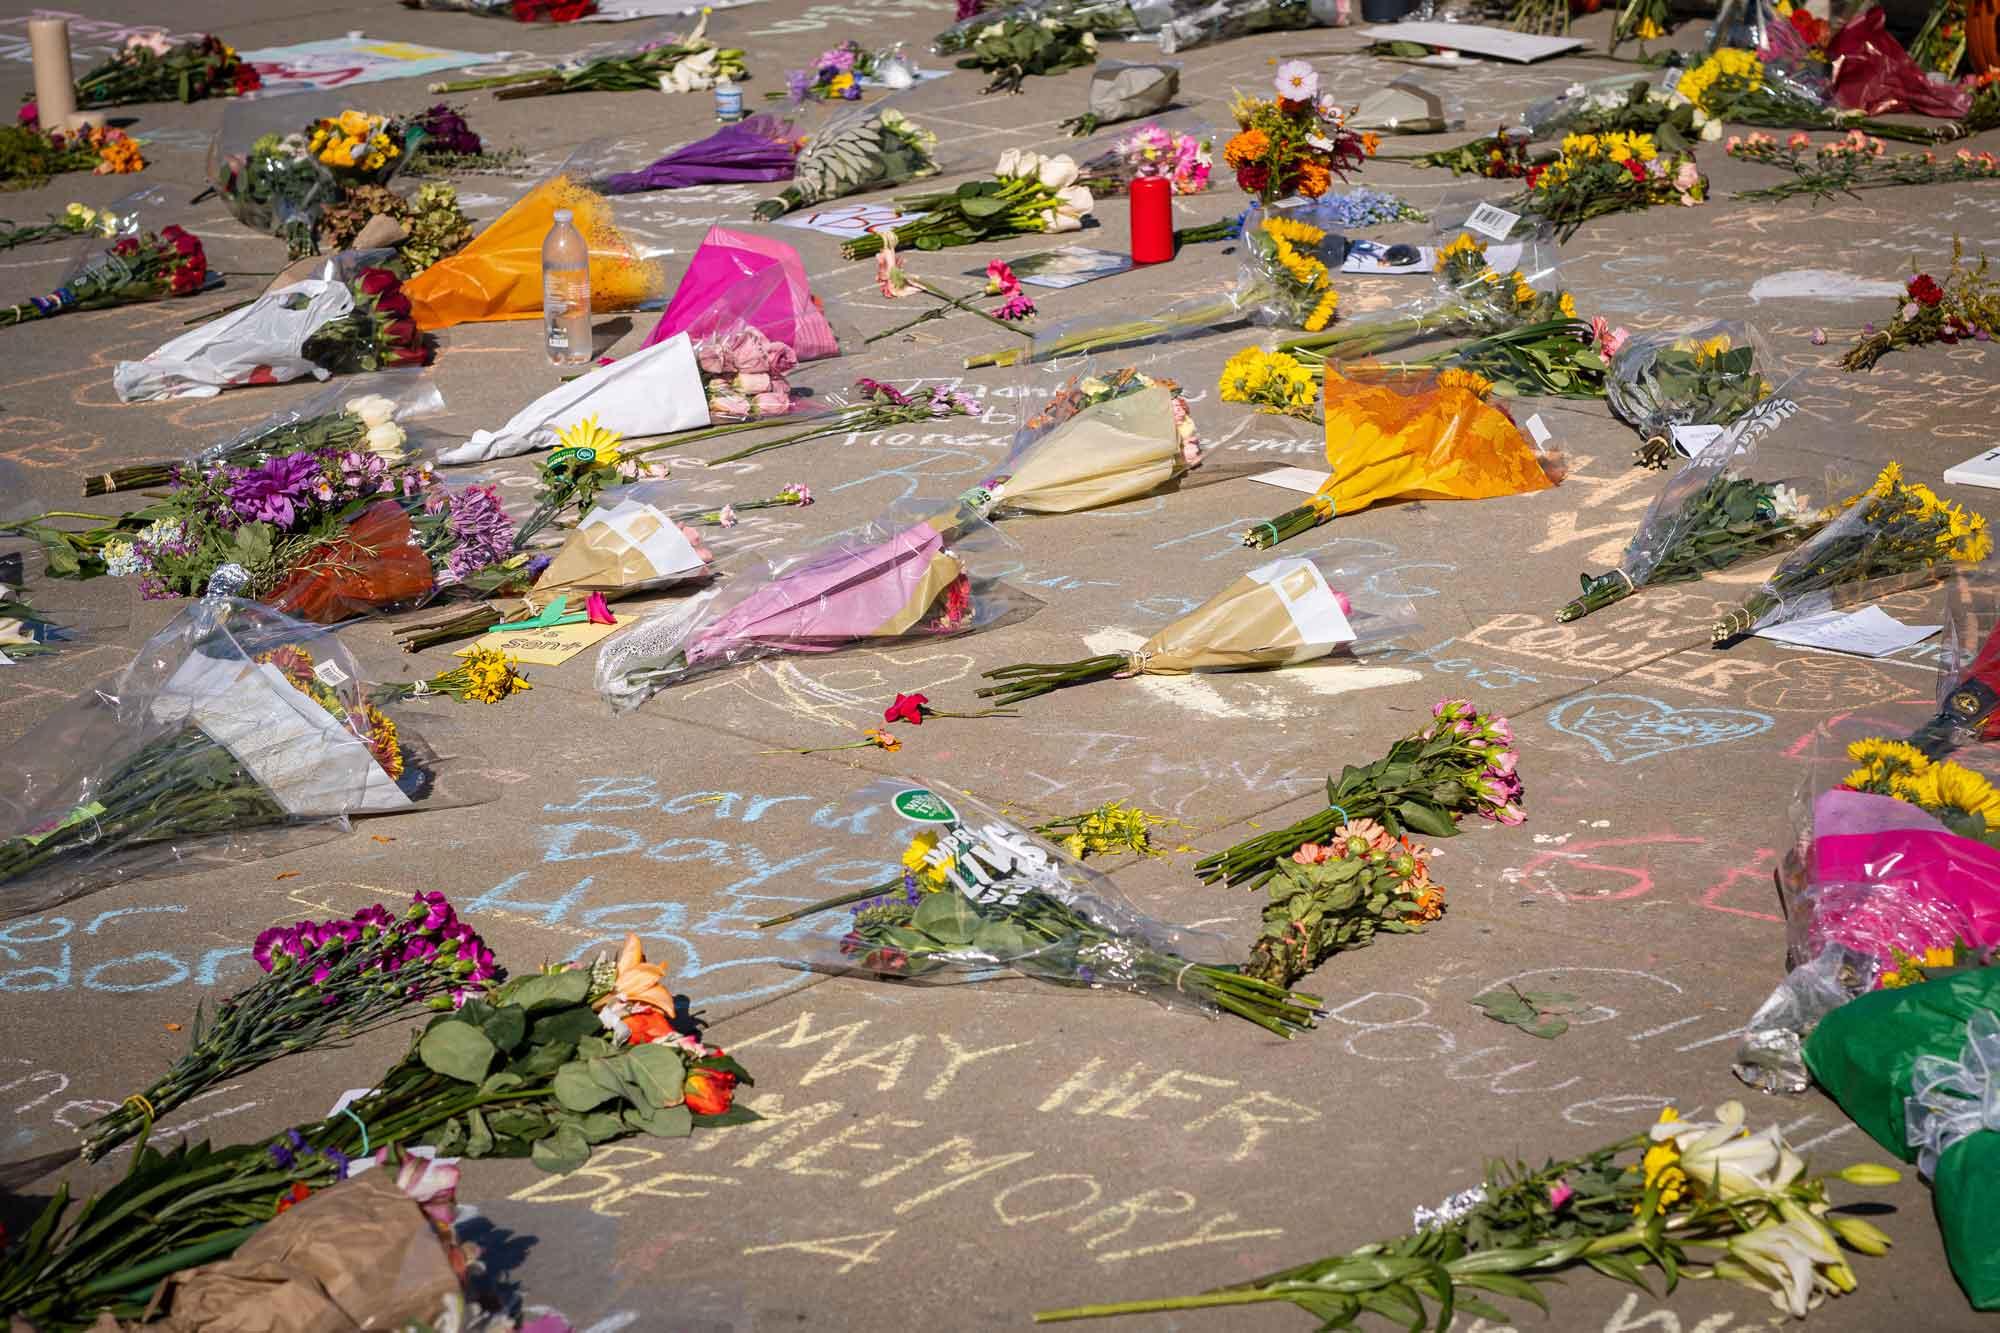 RBG memorial